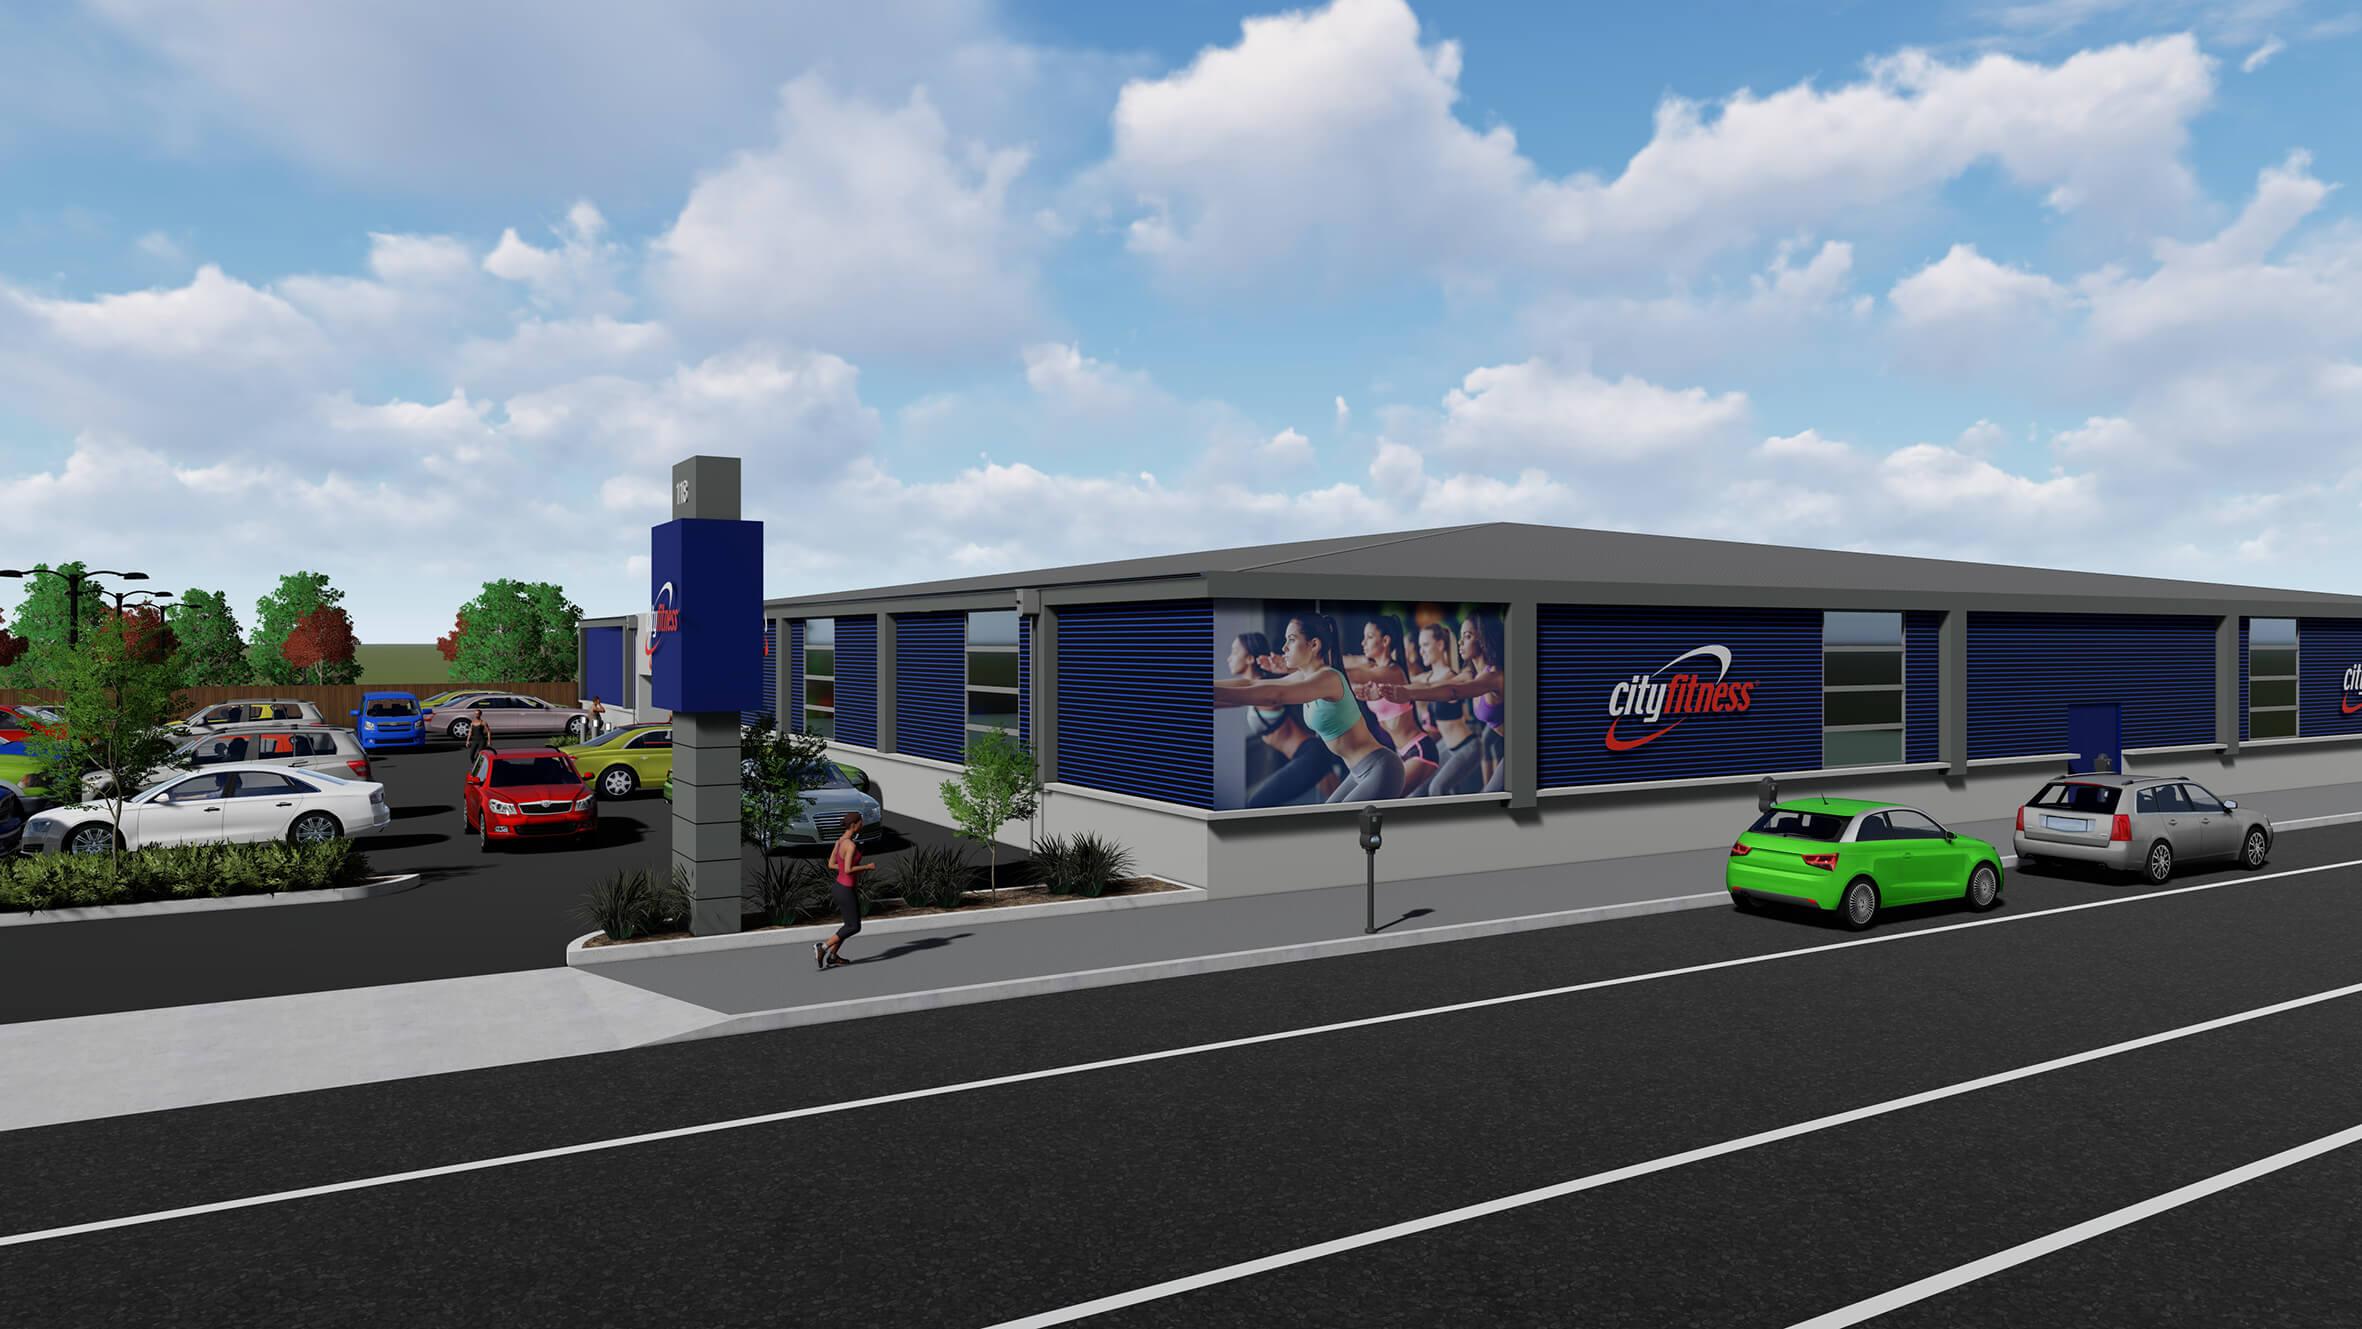 City Fitness Gym Whanganui